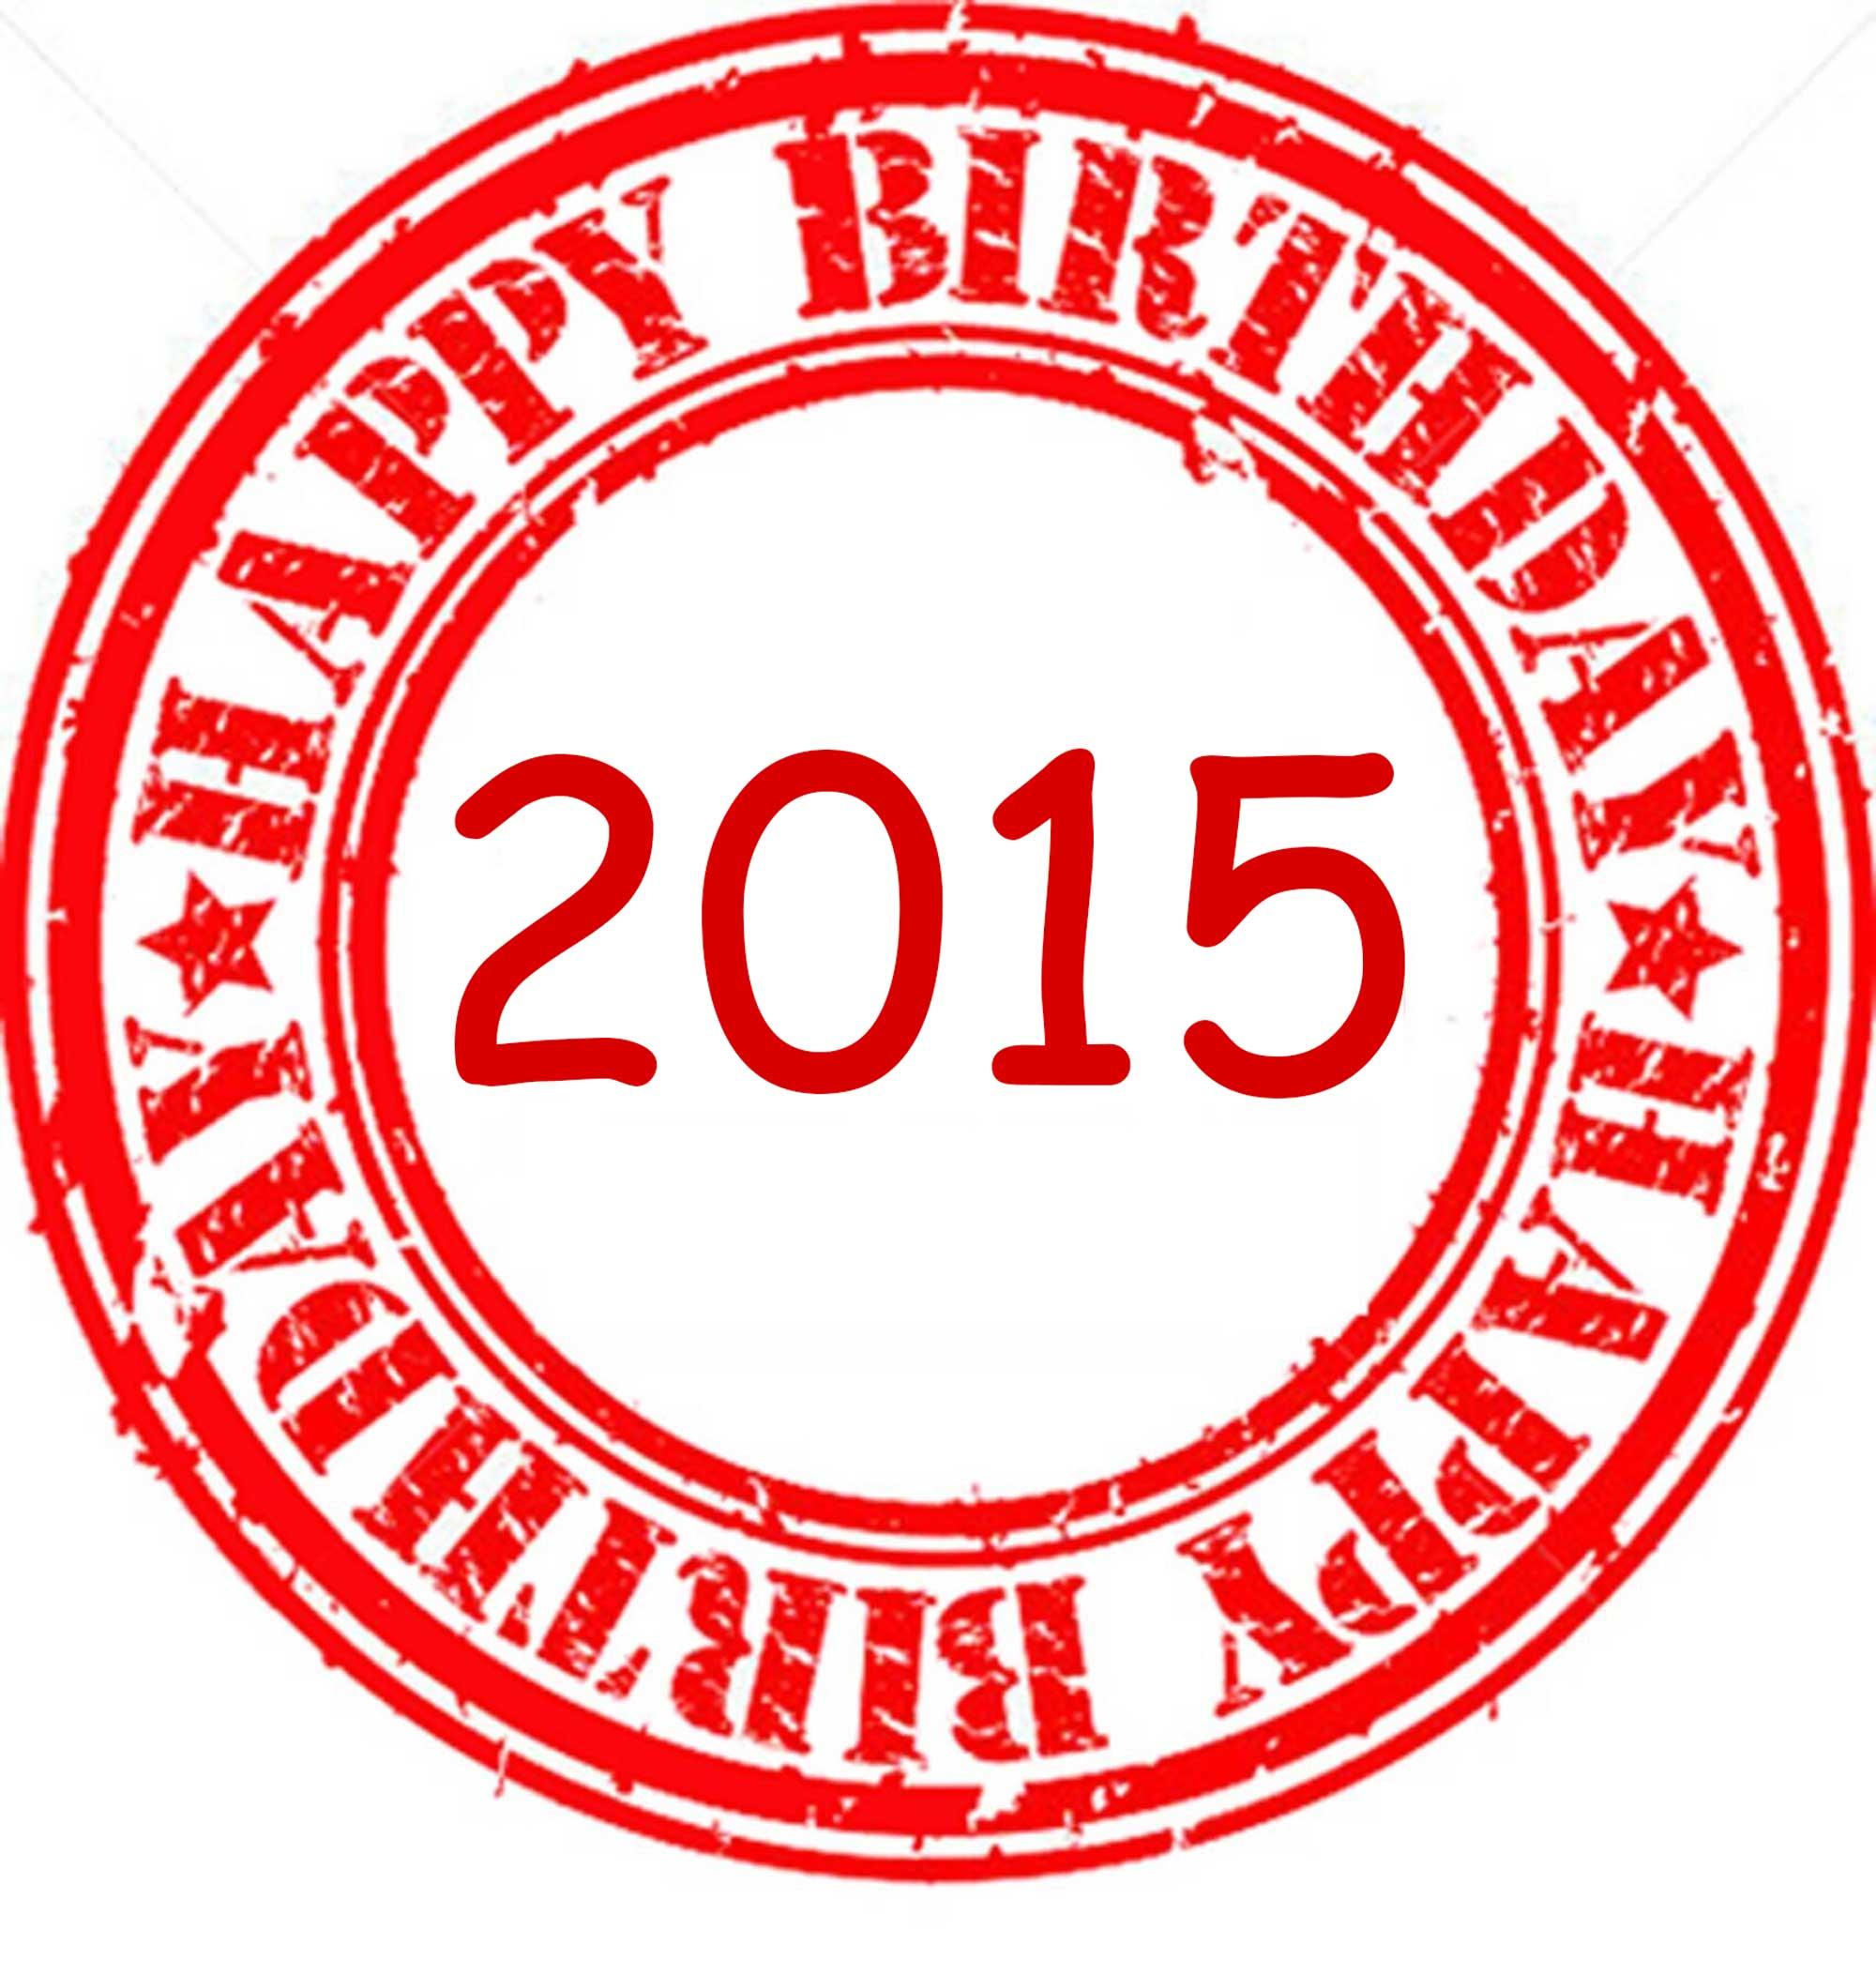 2015 regalos para mi mejor amiga en su cumpleaños